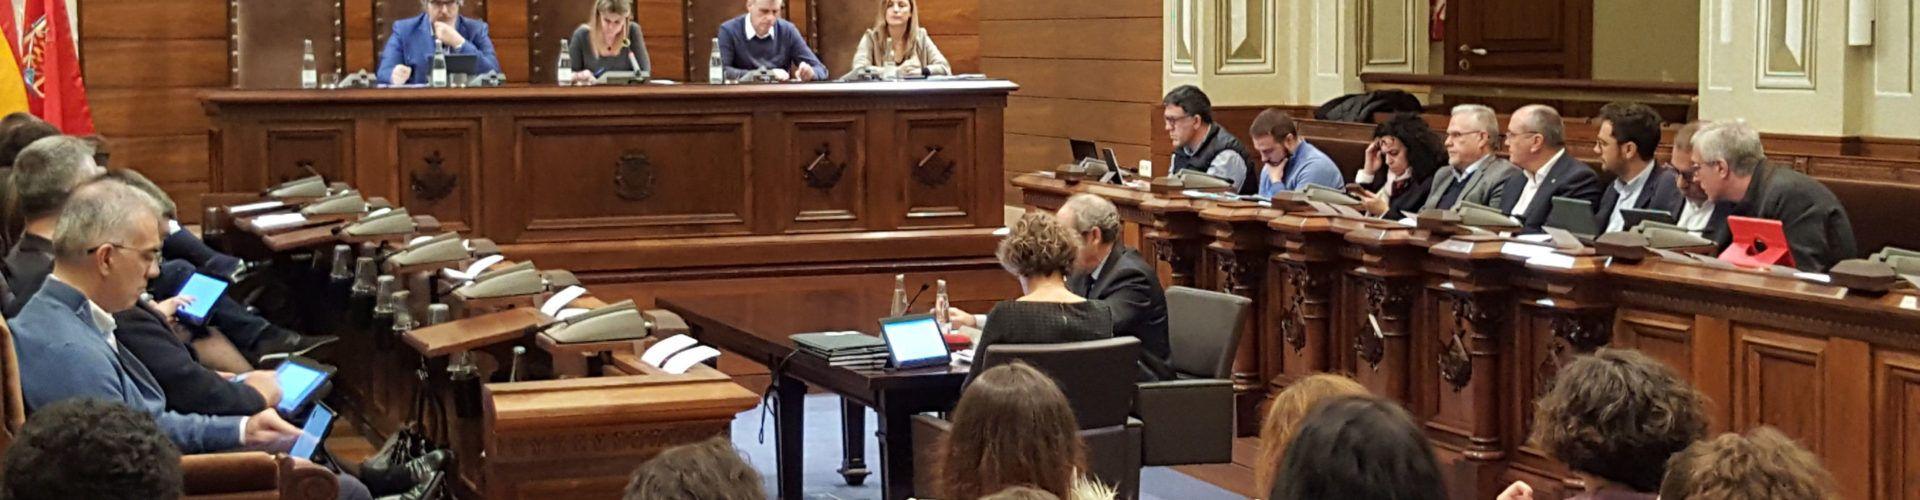 Diputació de Tarragona fa públiques dues declaracions institucionals pels aiguats i per millores al sector químic